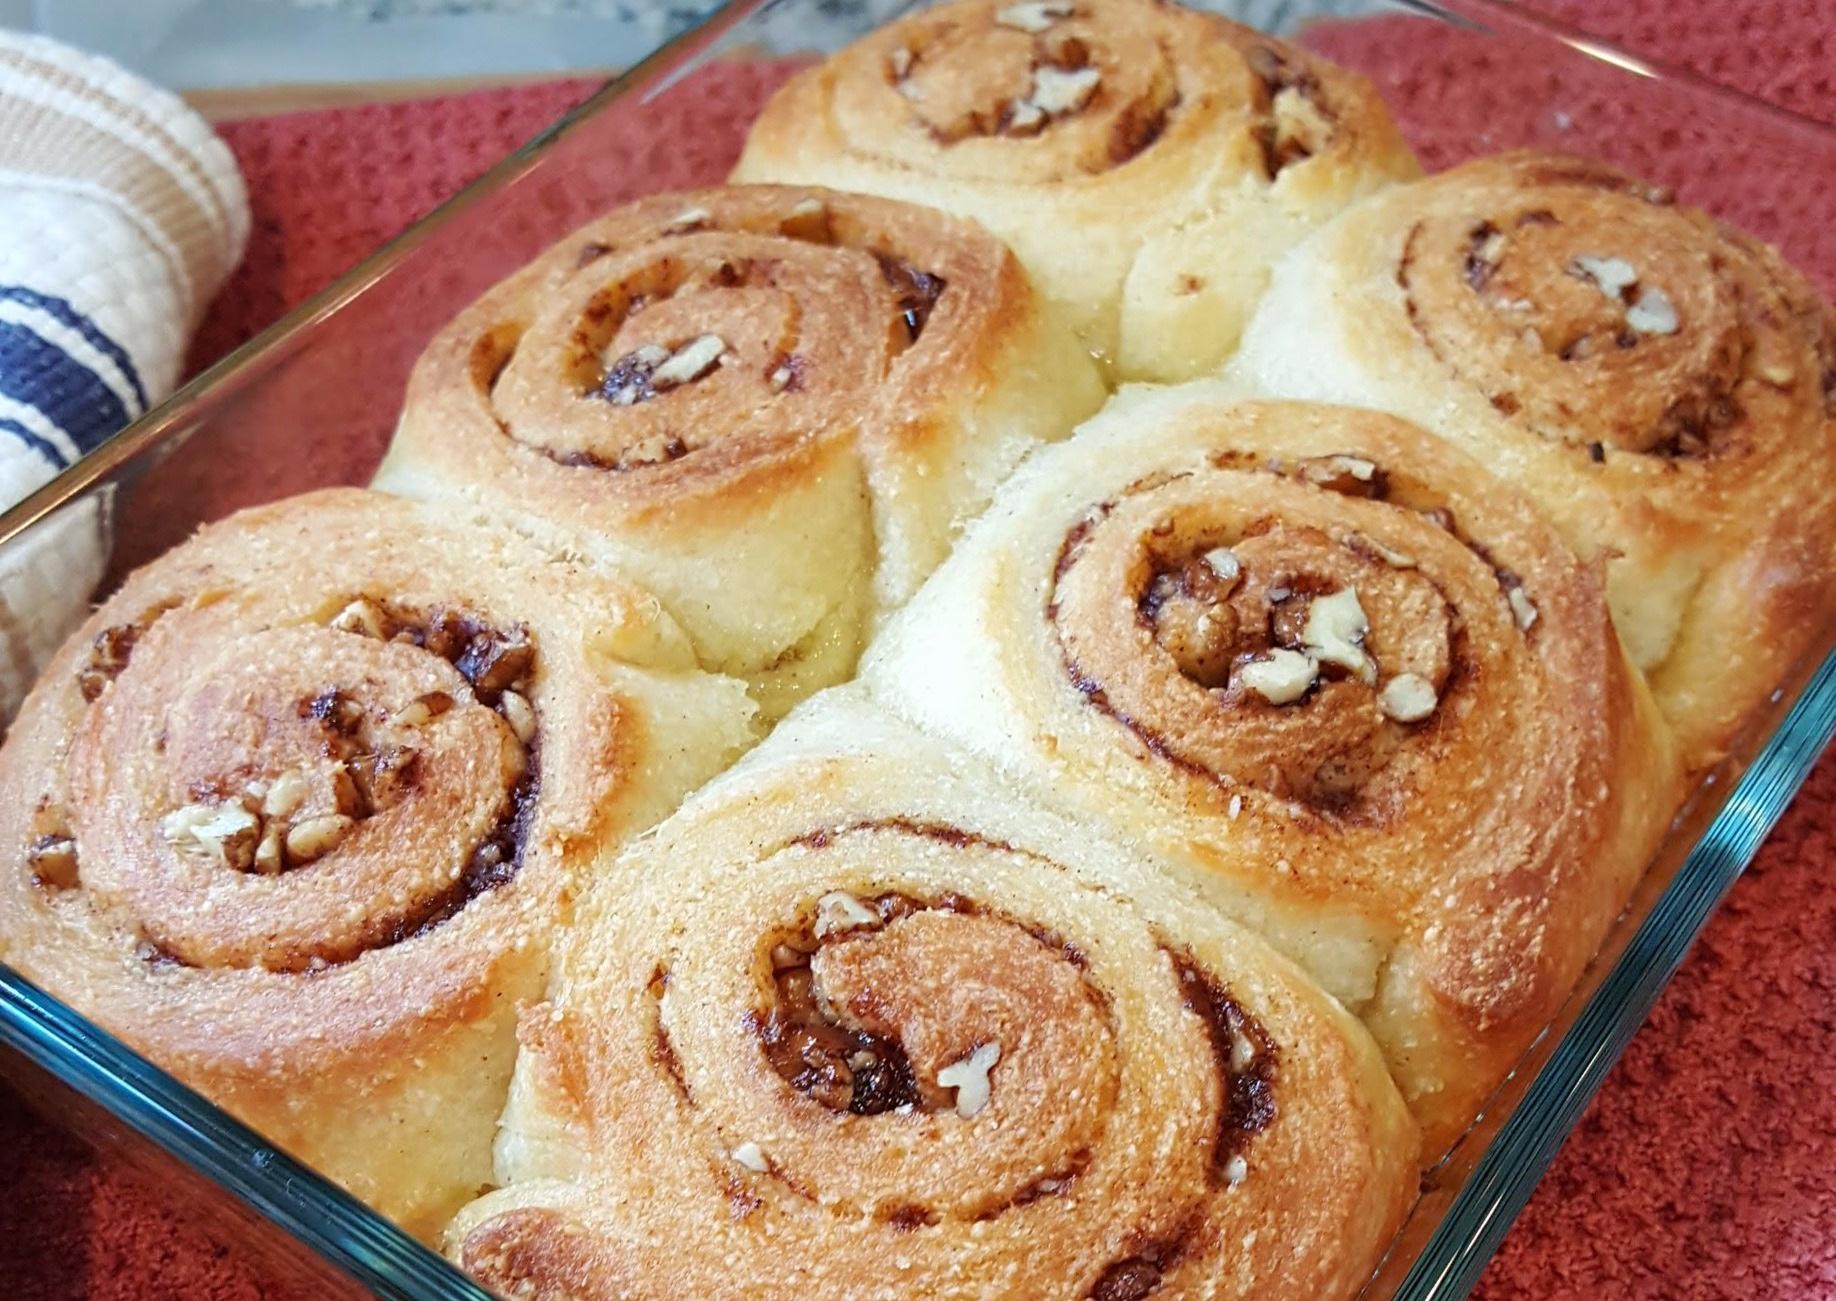 - Pecan sticky buns